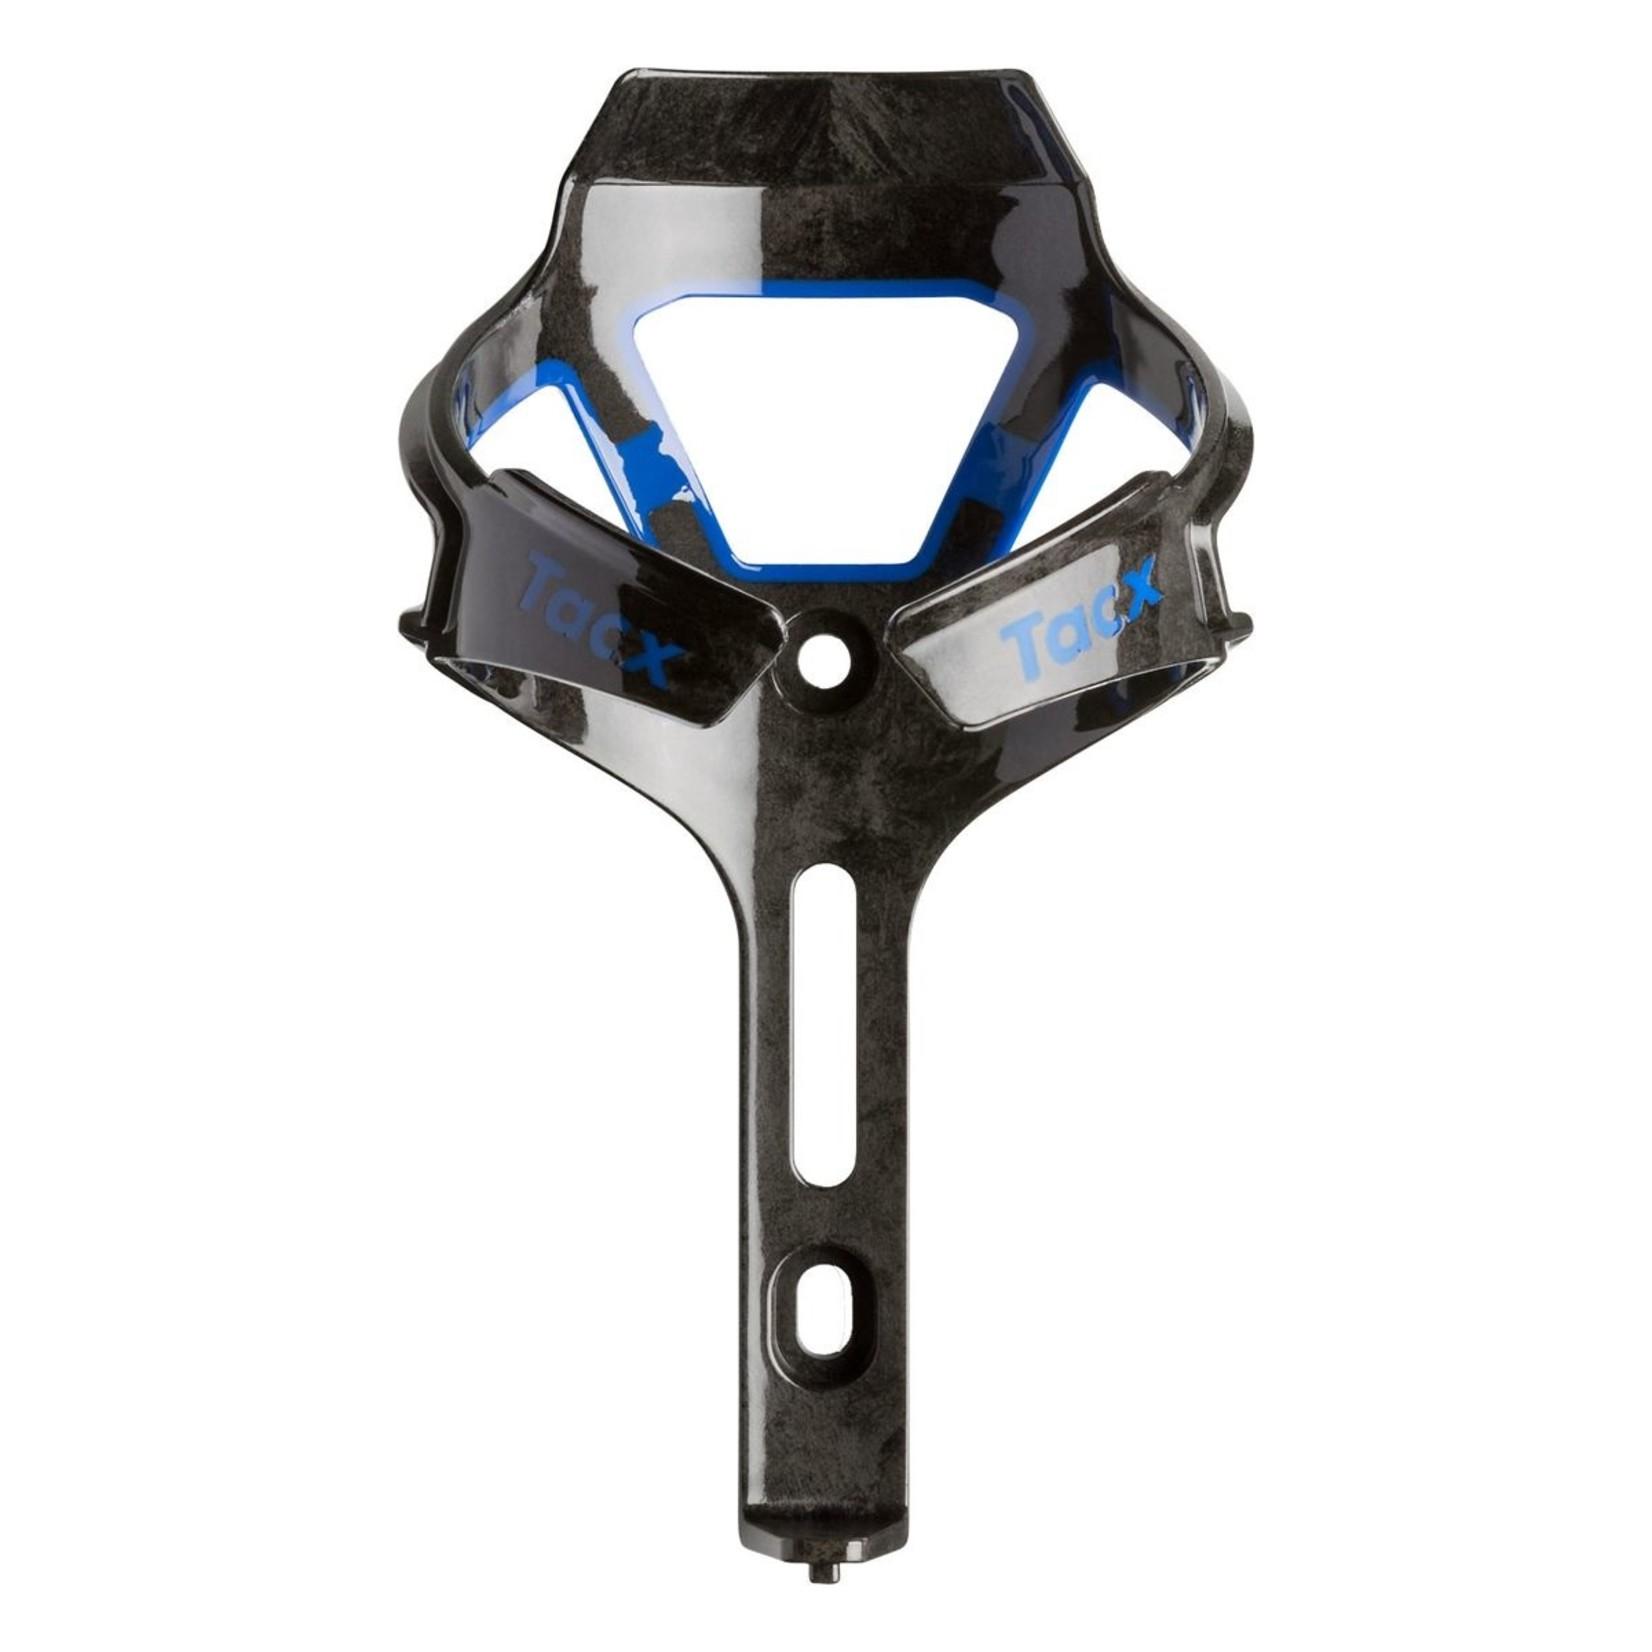 Tacx TACX CIRO CARBON & GLASS FIBRE BOTTLE CAGE